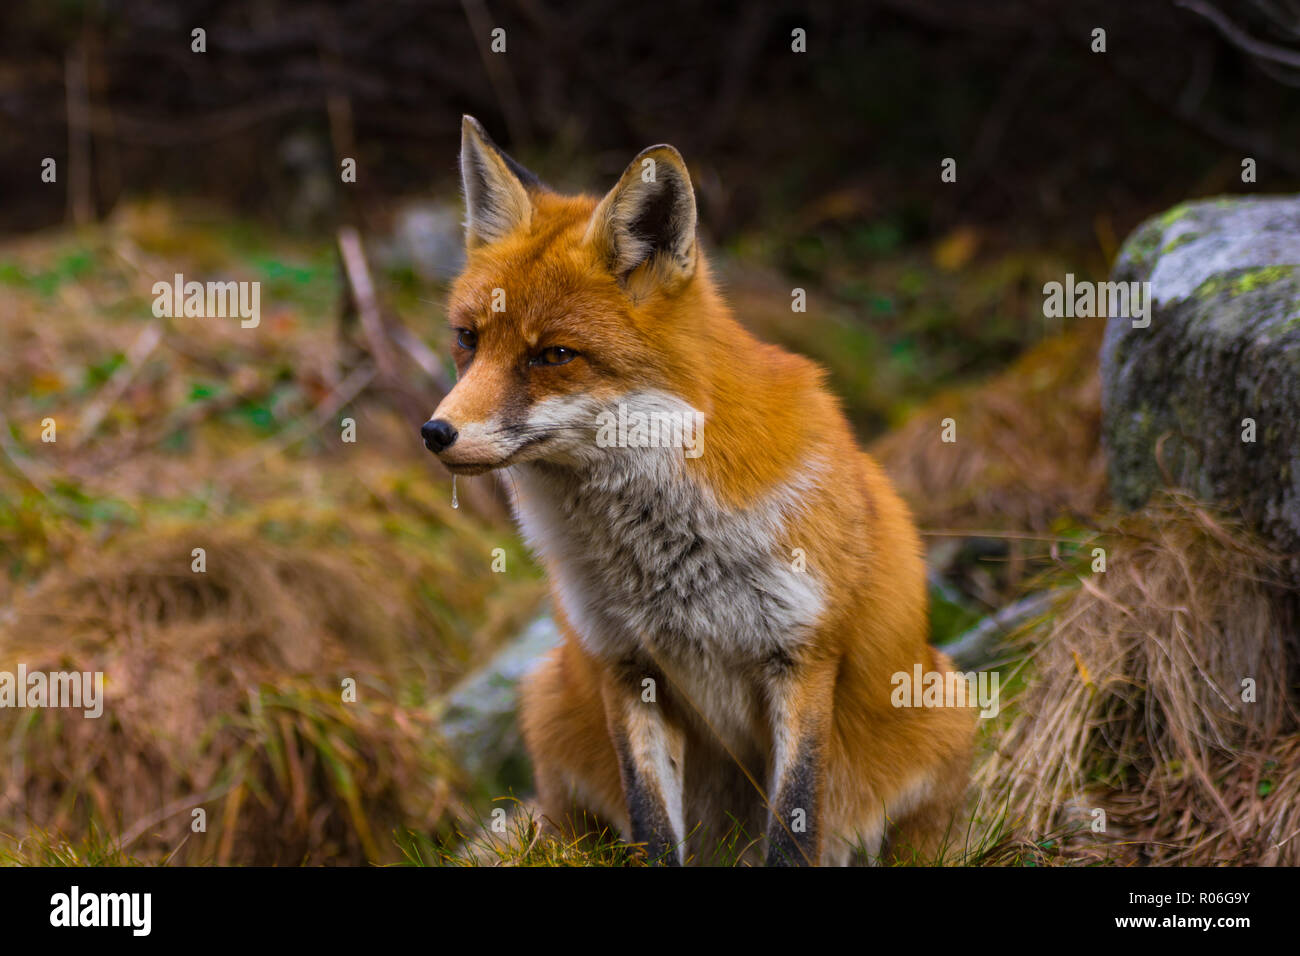 Erfassung von Fox ansehen für die Mahlzeit in der Hohen Tatra, Slowakei. Stockbild